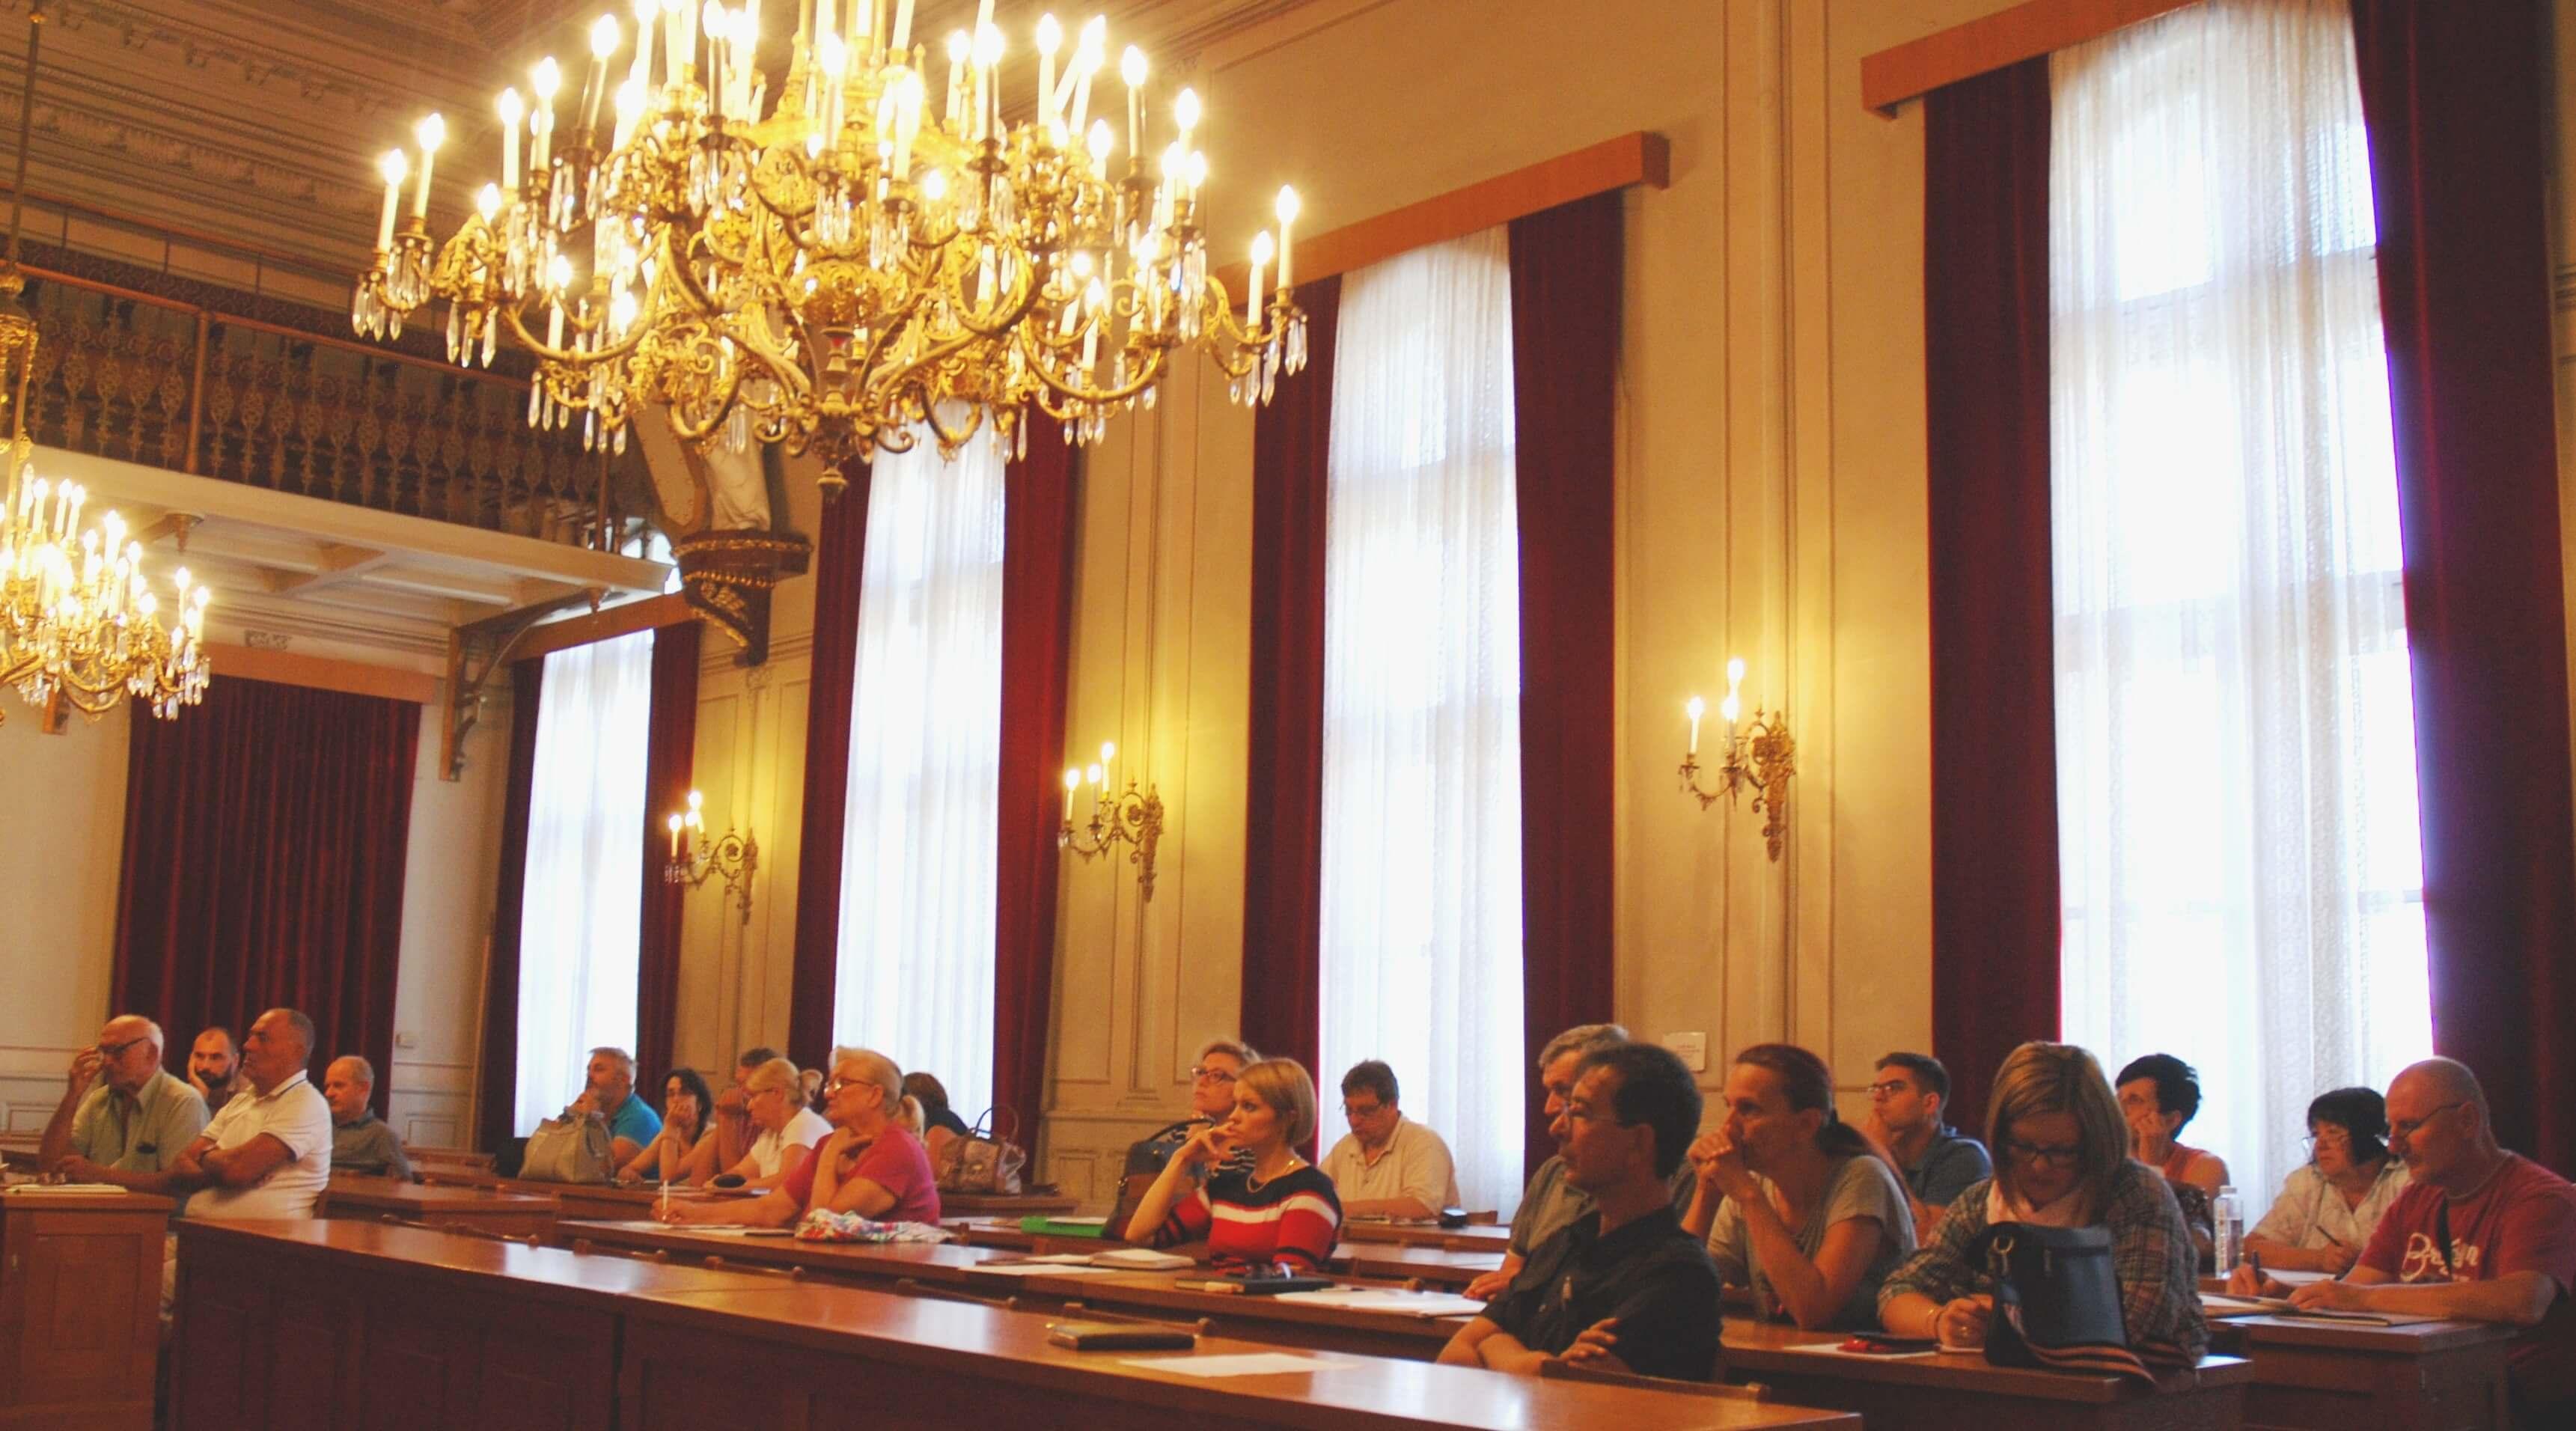 Међу учесницима трибине била је и Антонија Нађ Косановић, члан Градског већа за област спорта и младе